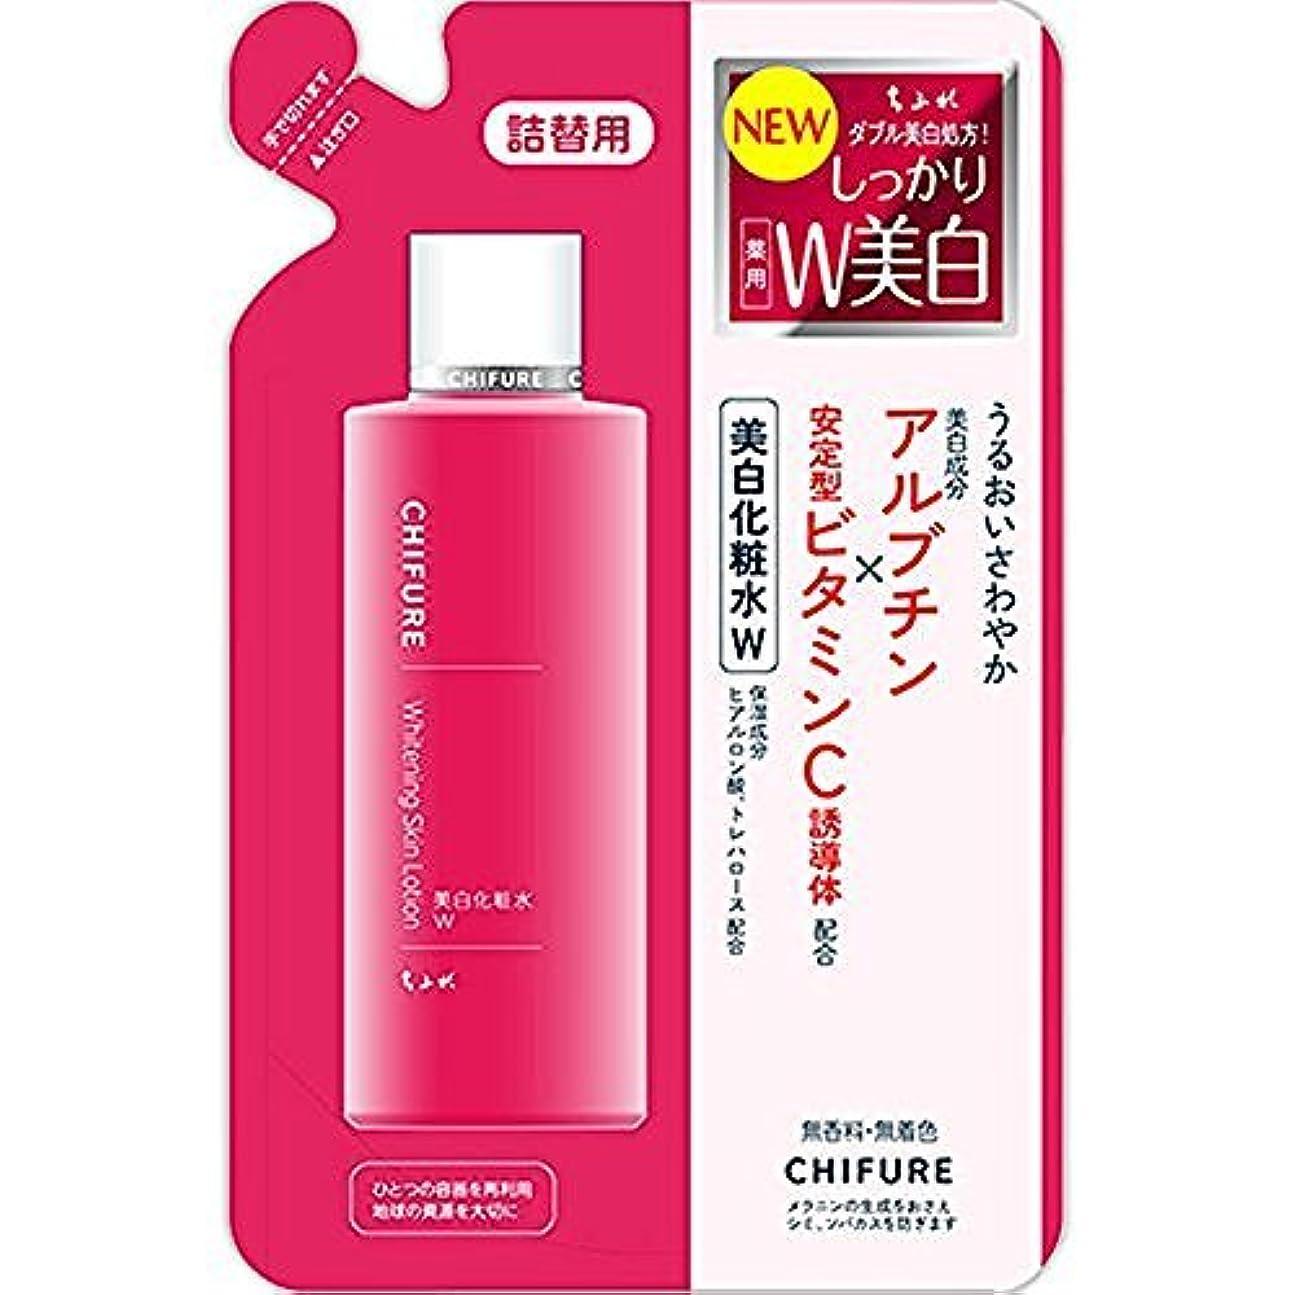 サンプル甲虫レタッチちふれ化粧品 美白化粧水 W 詰替用 180ML (医薬部外品)